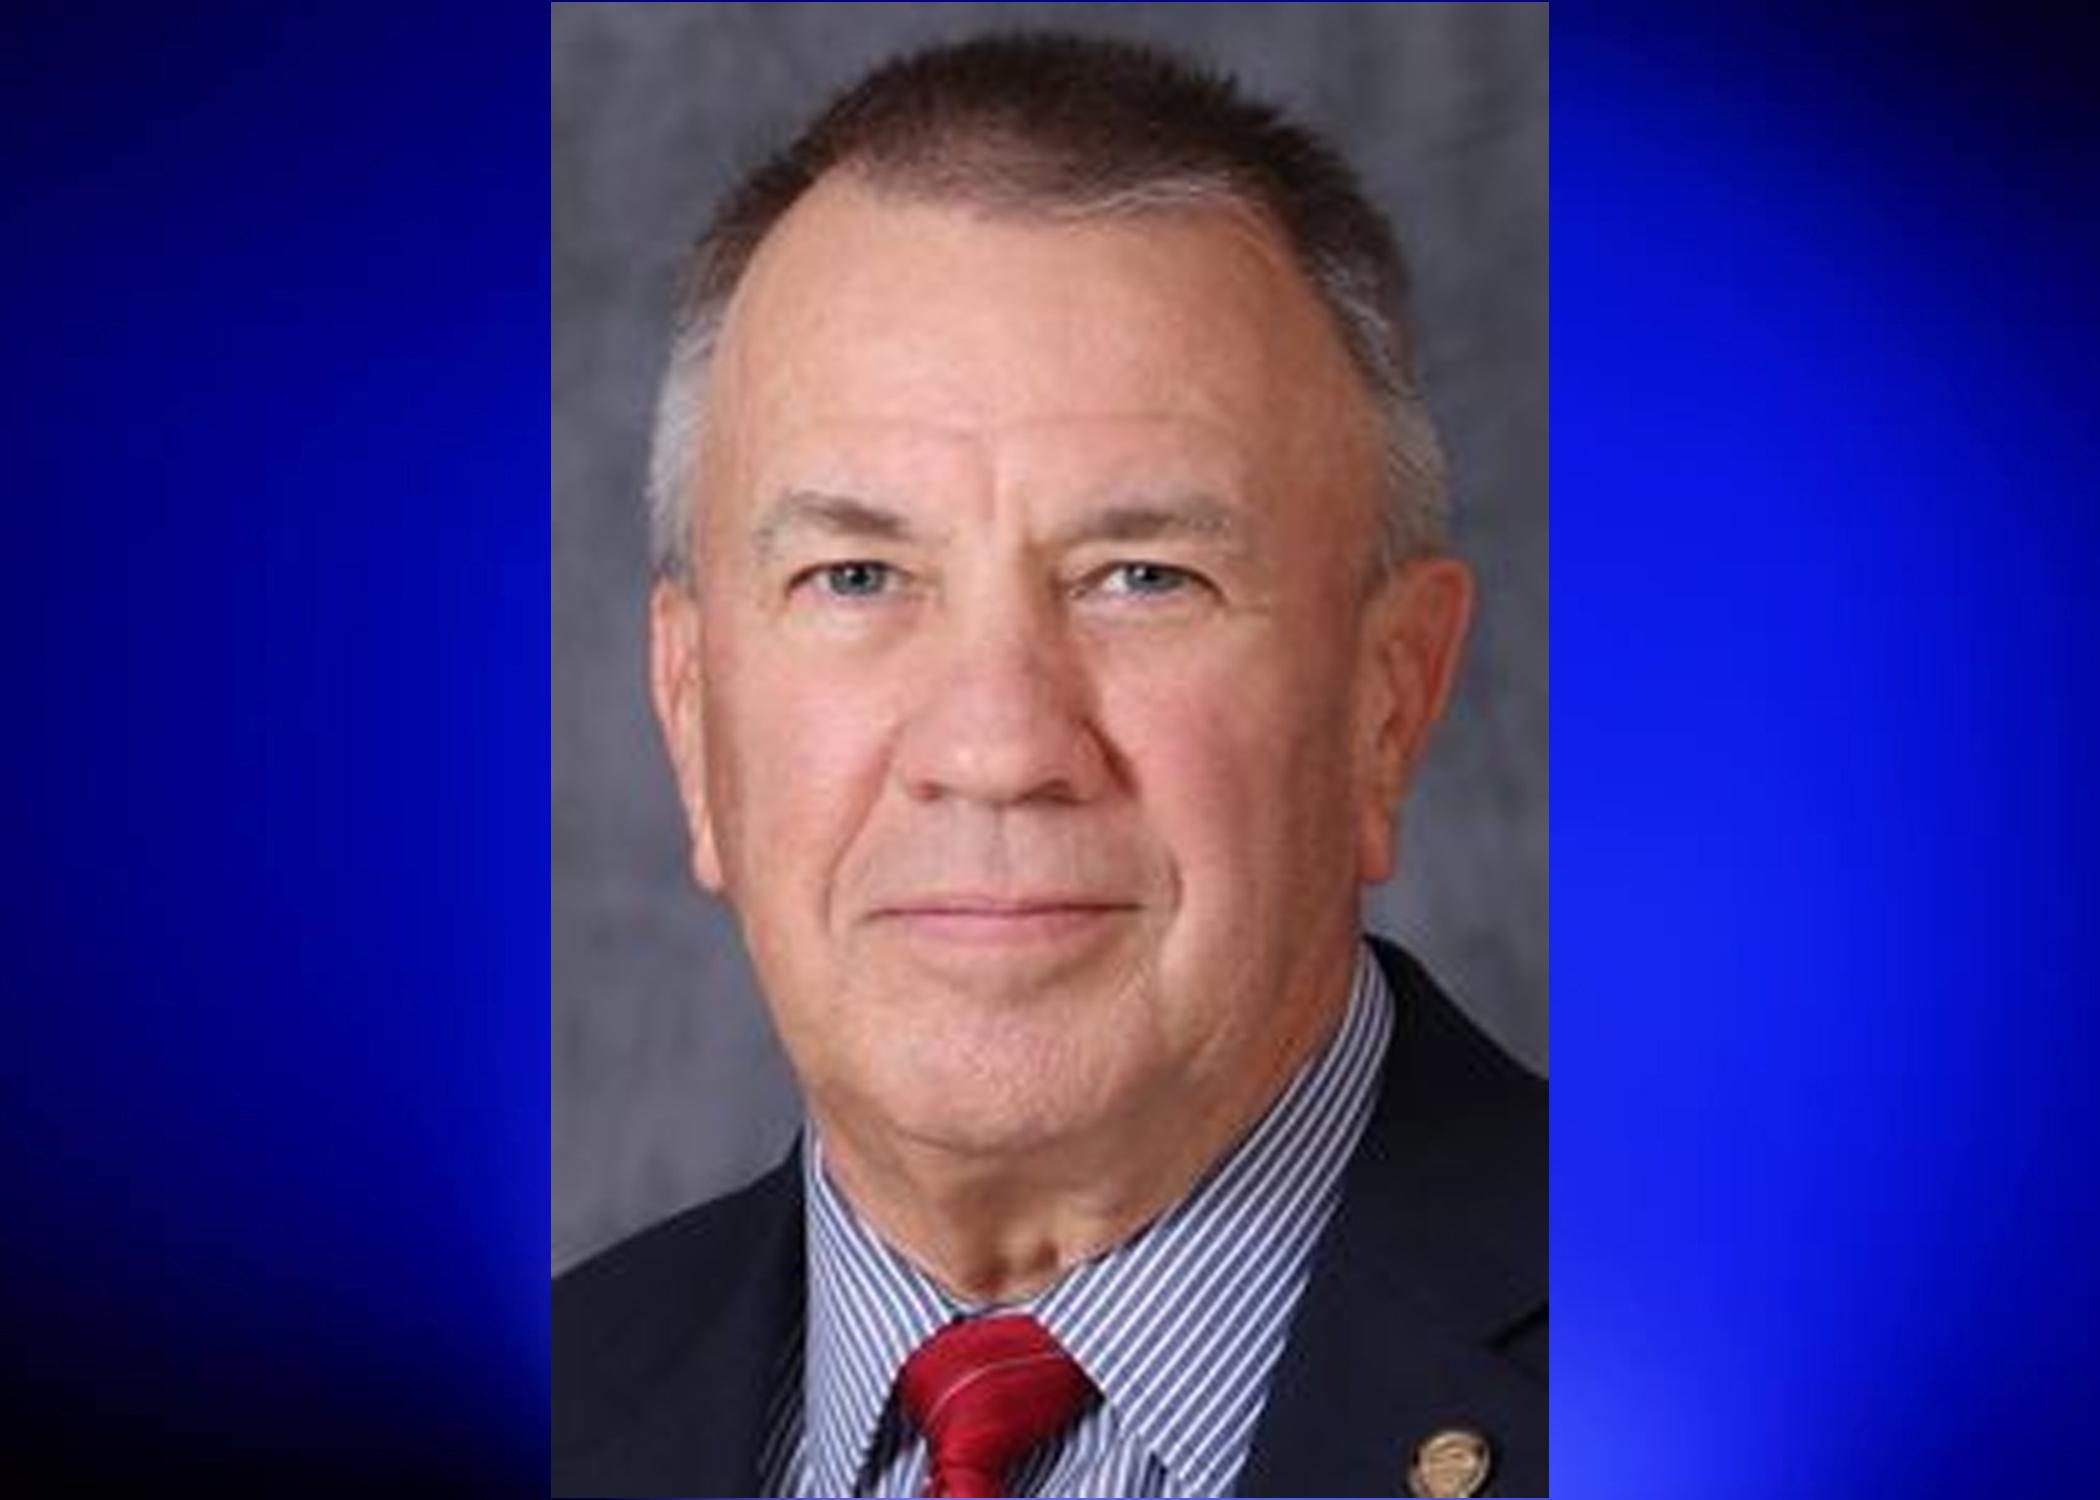 Speaker McCutcheon won't seek reelection in 2022